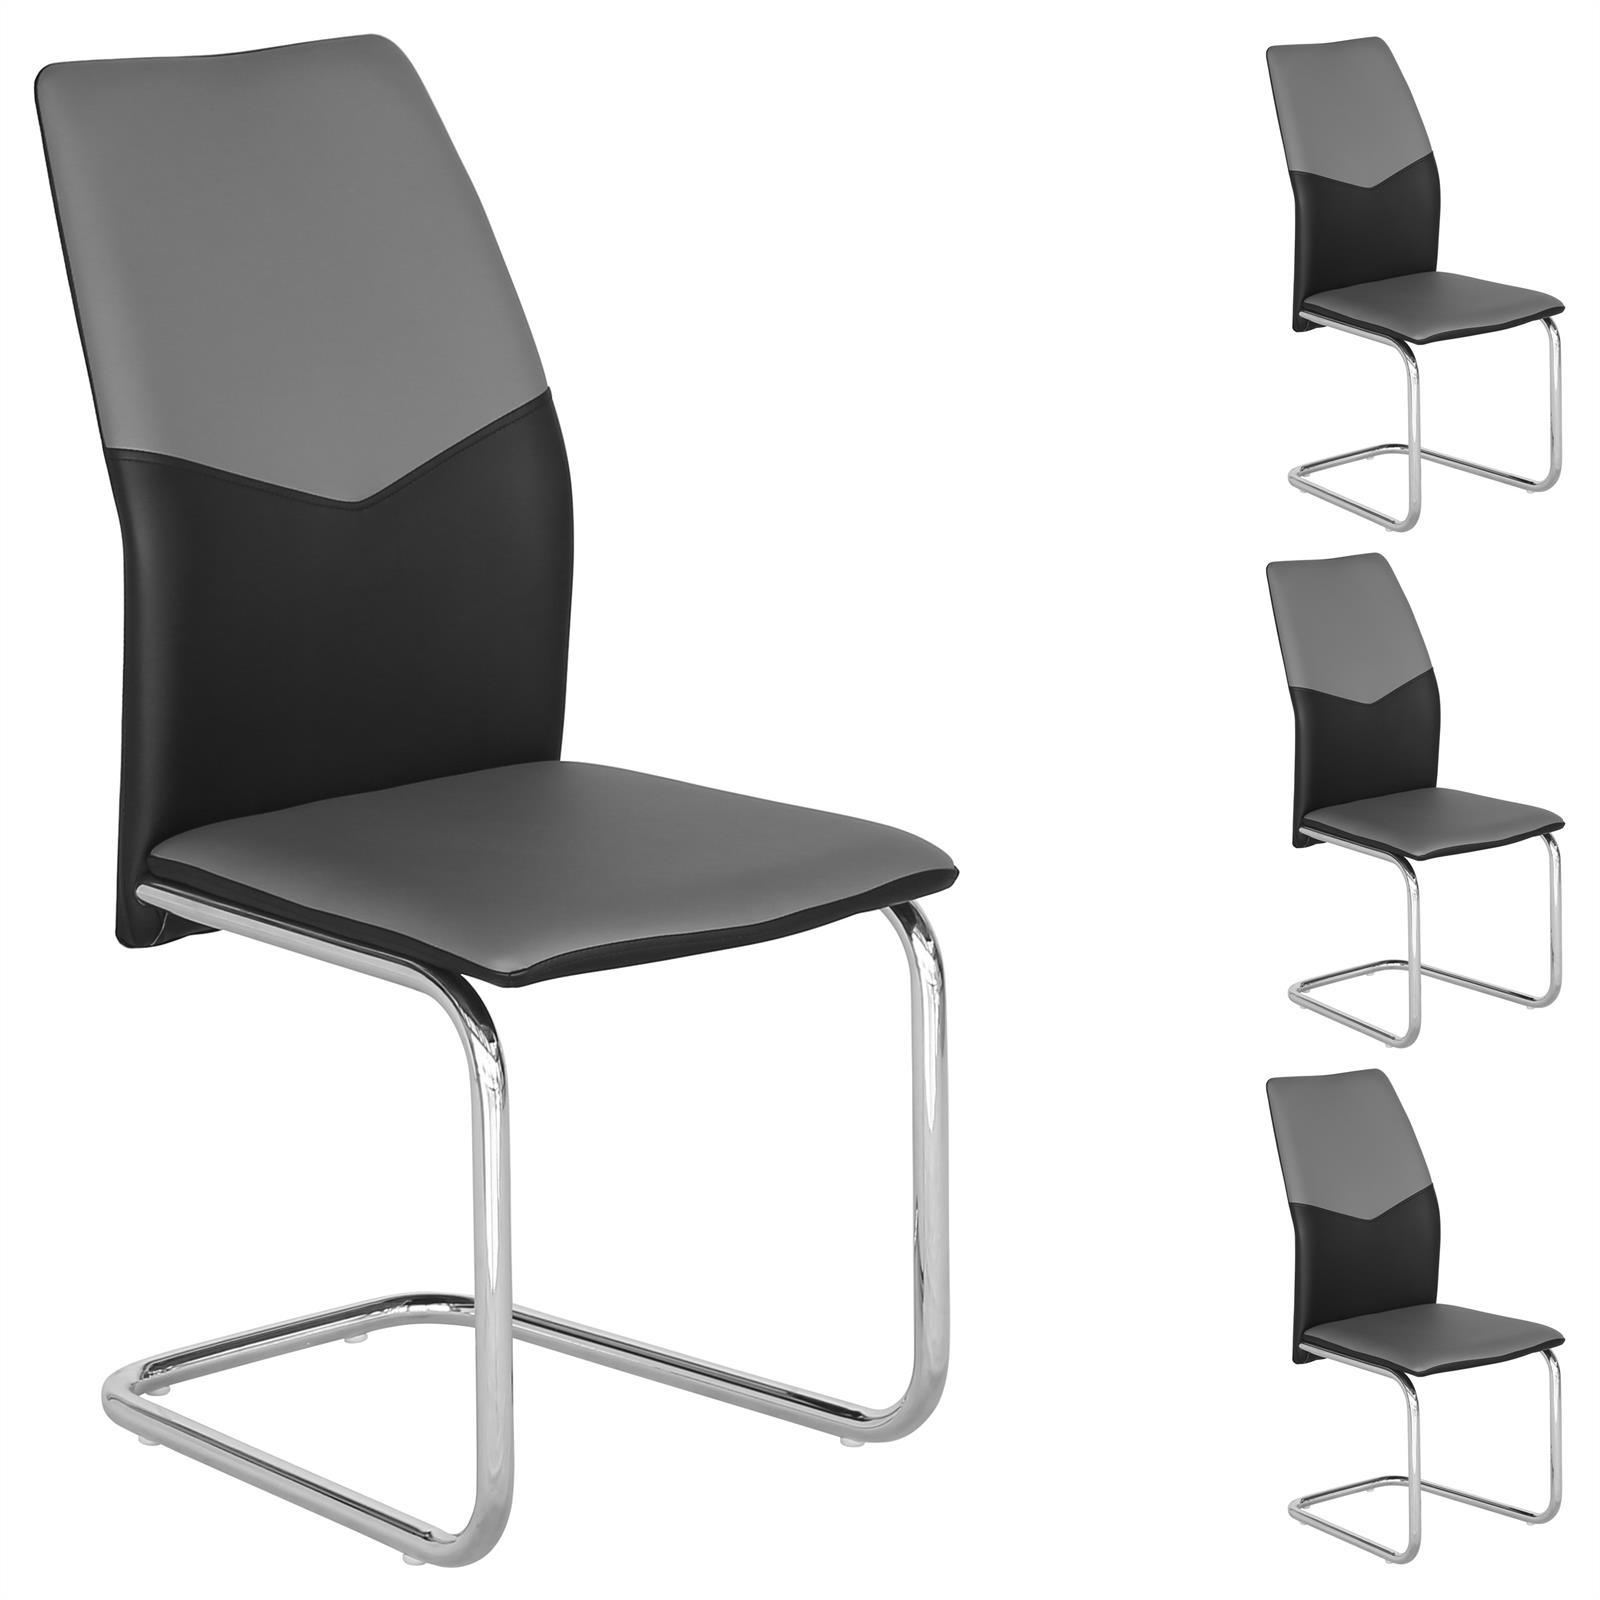 lot de 4 chaises de salle manger pi tement chrom rev tement synth tique ebay. Black Bedroom Furniture Sets. Home Design Ideas